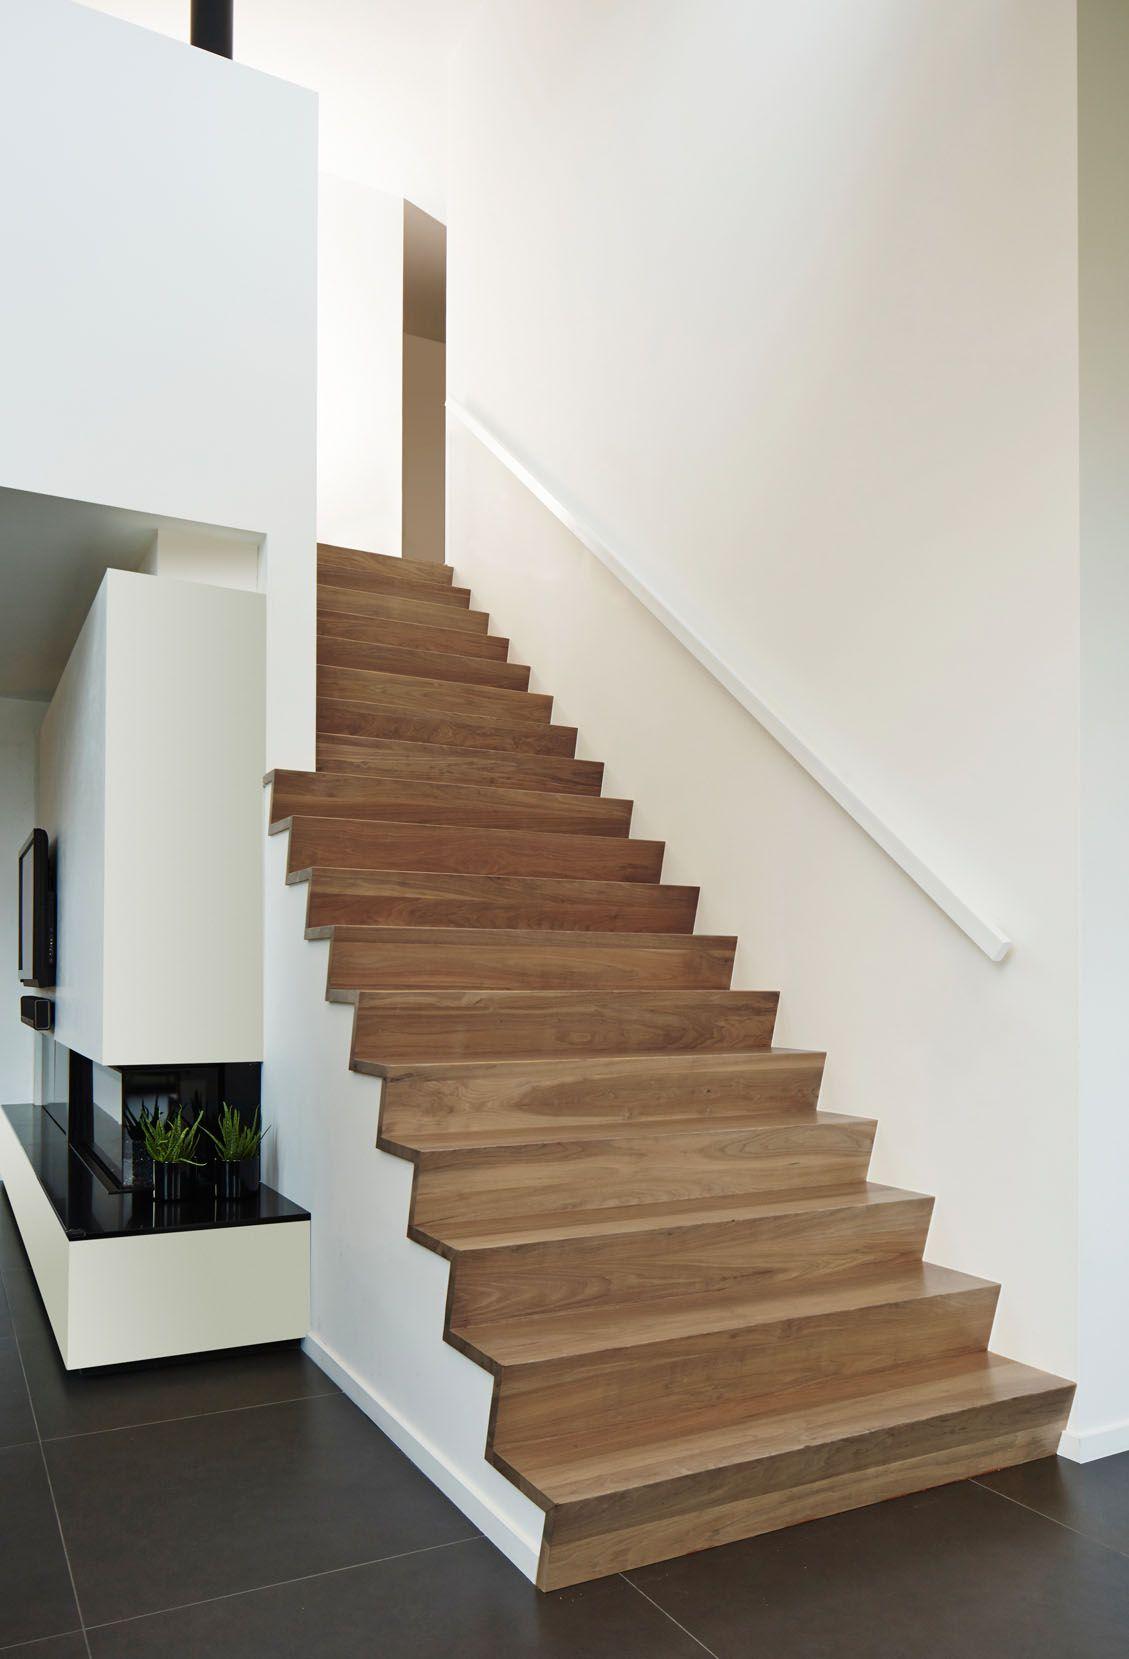 Betonnen trap bekleed met z treden in notelaar hout door trappenlauwers hal pinterest hout - Trap ijzer smeden en hout ...